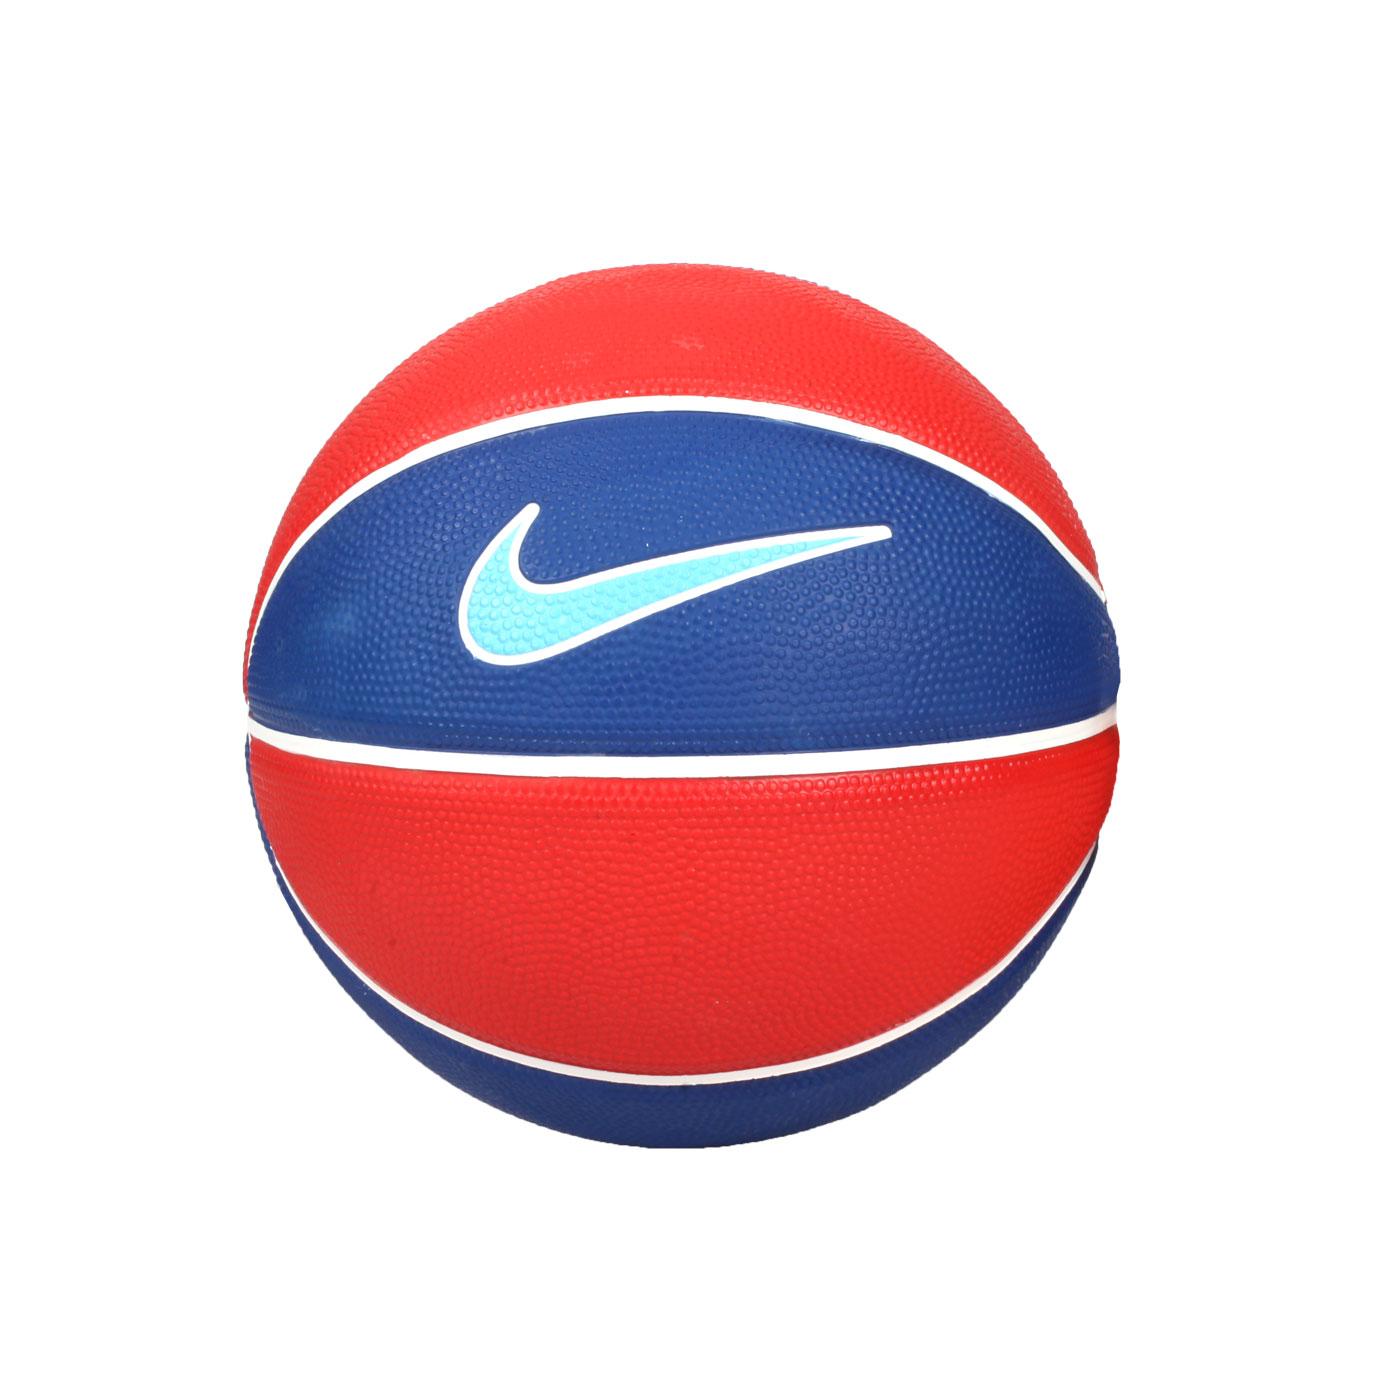 NIKE SKILLS 3號球 N000128544603 - 紅藍白水藍